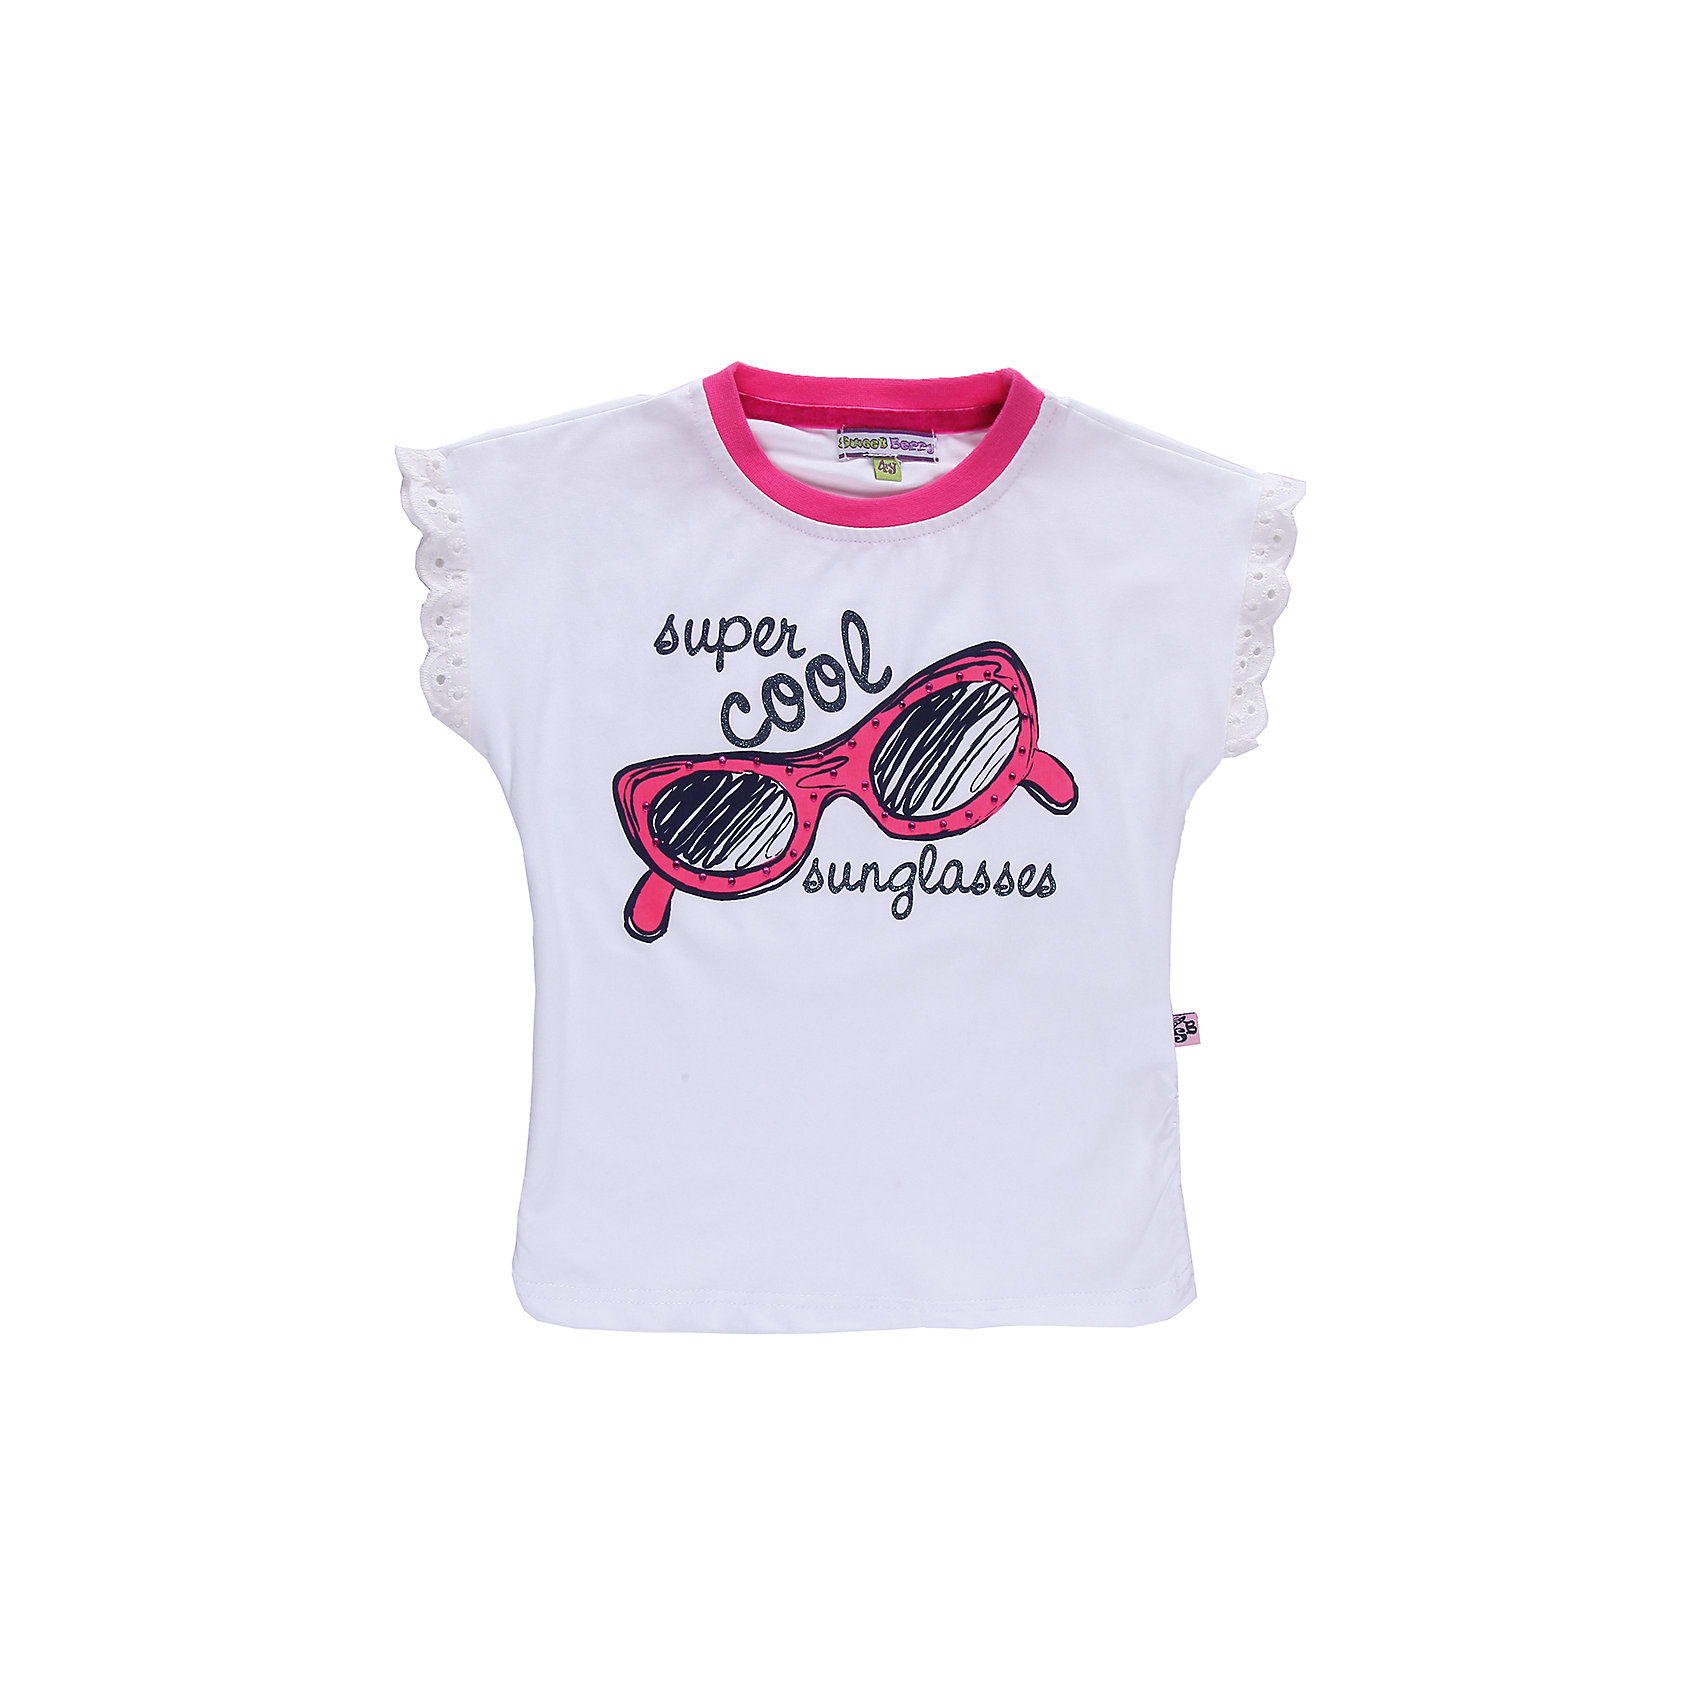 Футболка для девочки Sweet BerryФутболки, поло и топы<br>Романтичная футболка из трикотажа. Декорирована кружевом и стразами.<br>Состав:<br>95% хлопок, 5% эластан<br><br>Ширина мм: 199<br>Глубина мм: 10<br>Высота мм: 161<br>Вес г: 151<br>Цвет: белый<br>Возраст от месяцев: 24<br>Возраст до месяцев: 36<br>Пол: Женский<br>Возраст: Детский<br>Размер: 98,110,104,128,122,116<br>SKU: 4520725